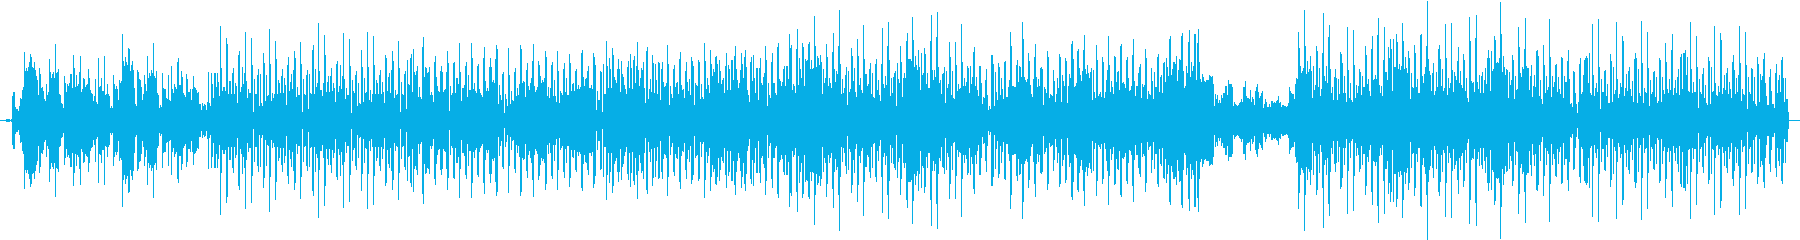 CoolなDiscoFunkの再生済みの波形